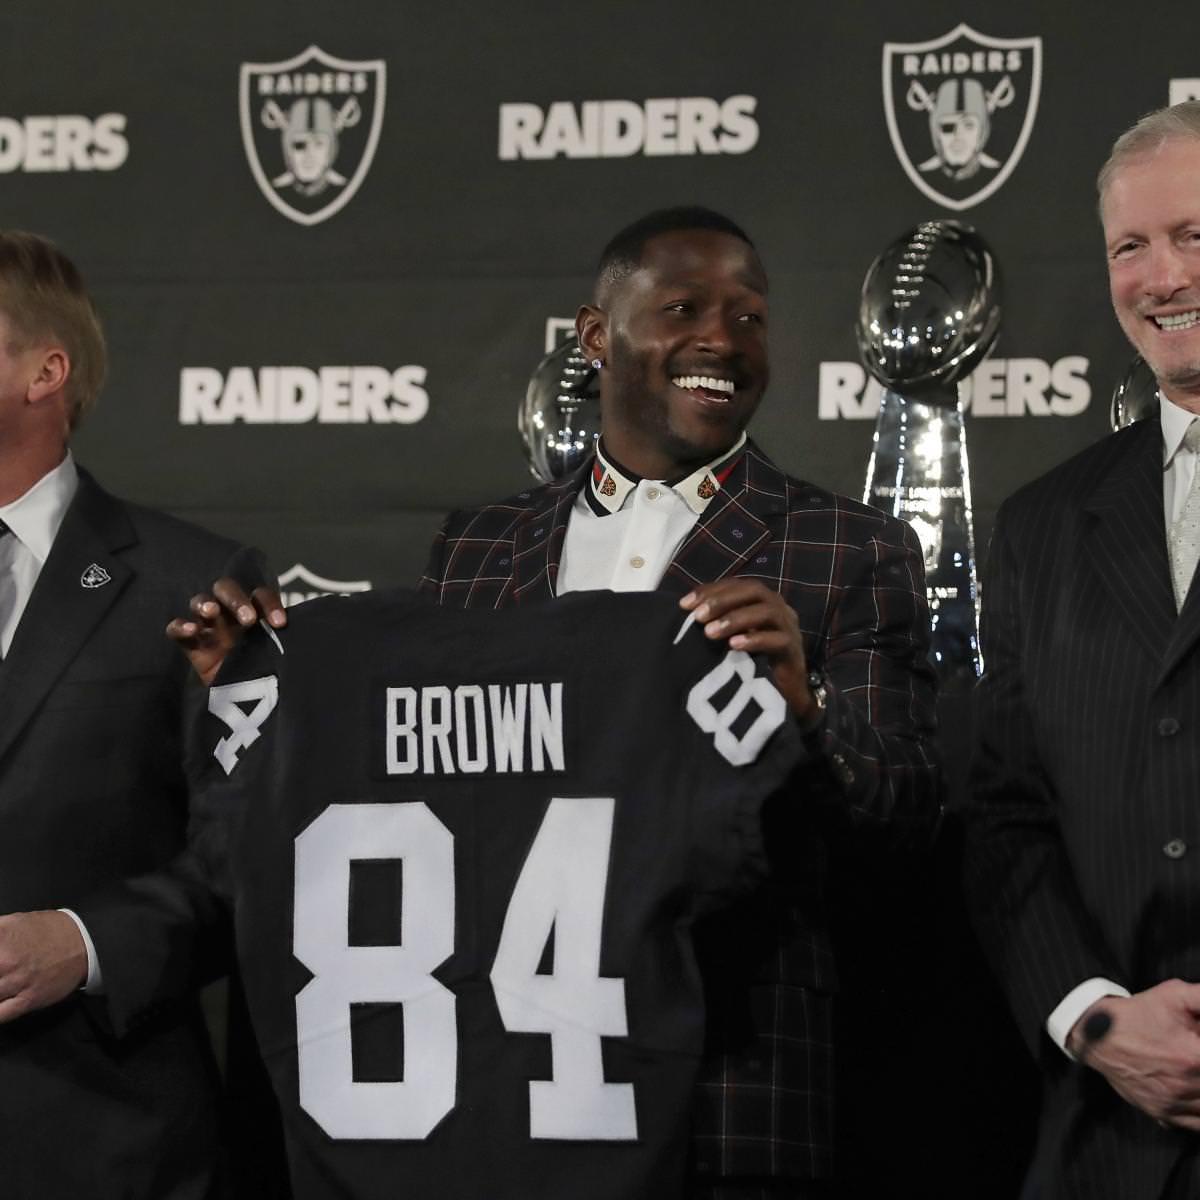 Notícias: Os donos da NFL aprovam o Oakland Stadium Lease até o movimento de Las Vegas